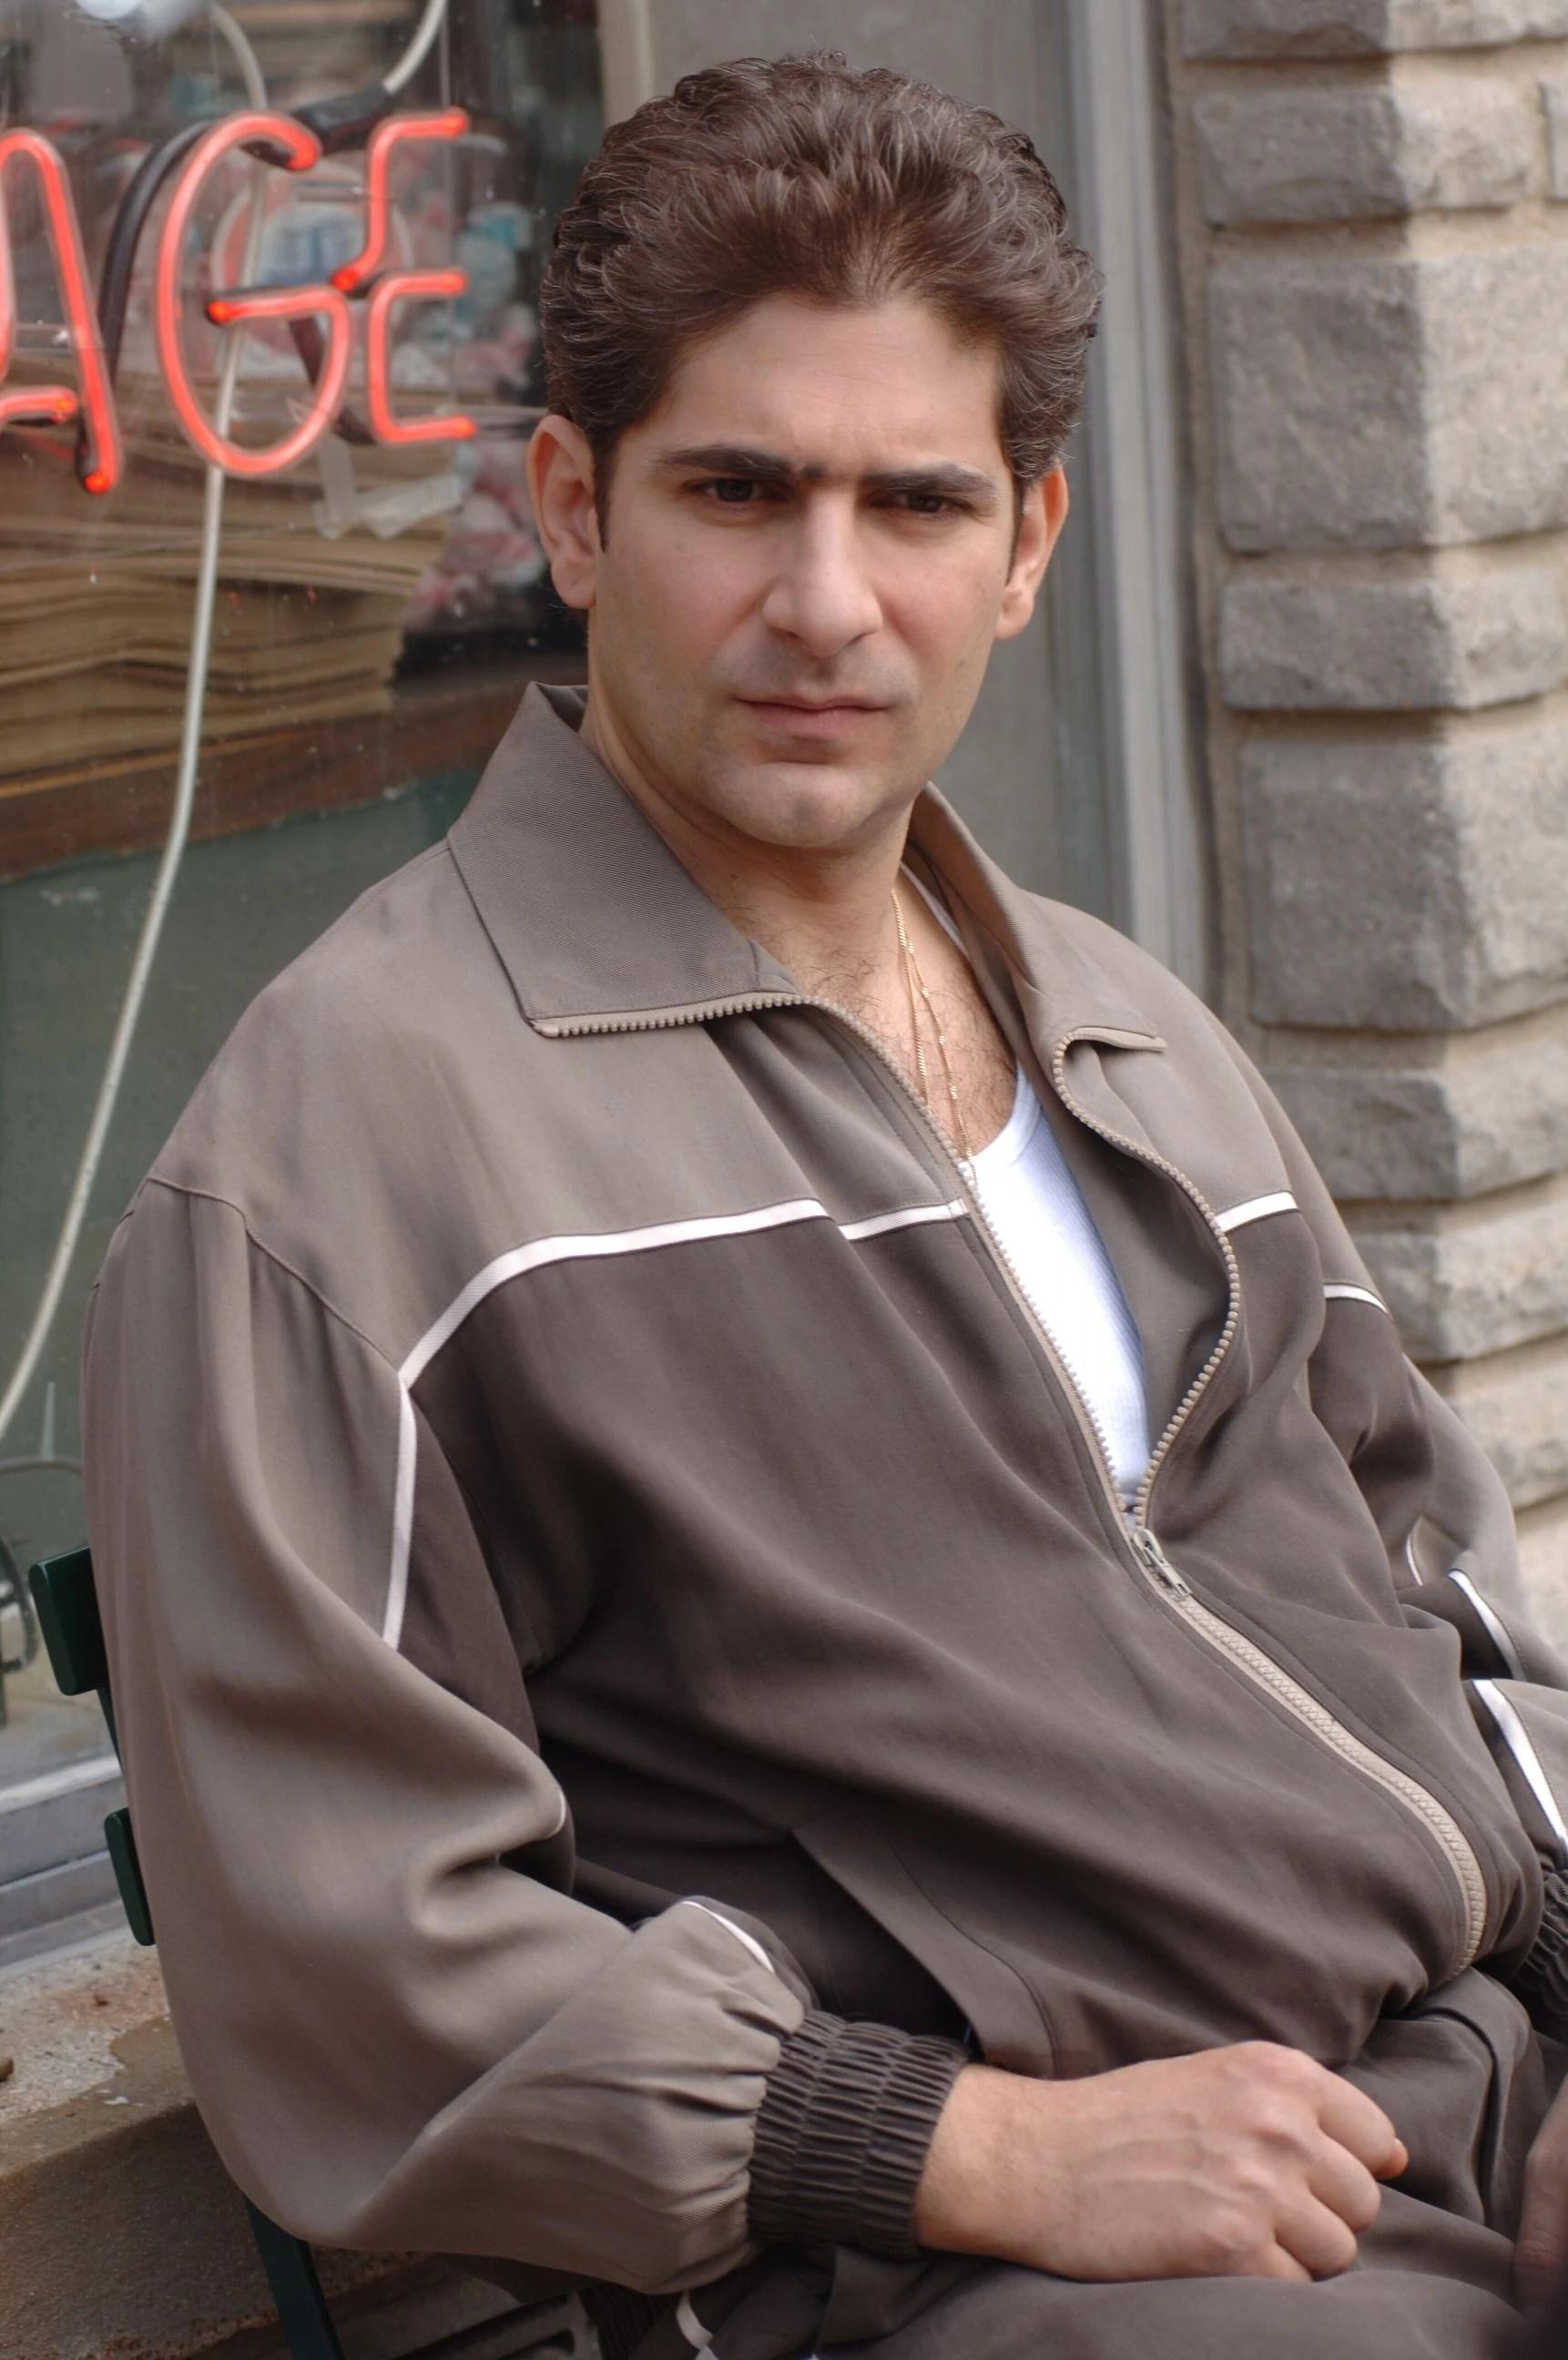 Category:Caporegime | The Sopranos Wiki | FANDOM powered ...